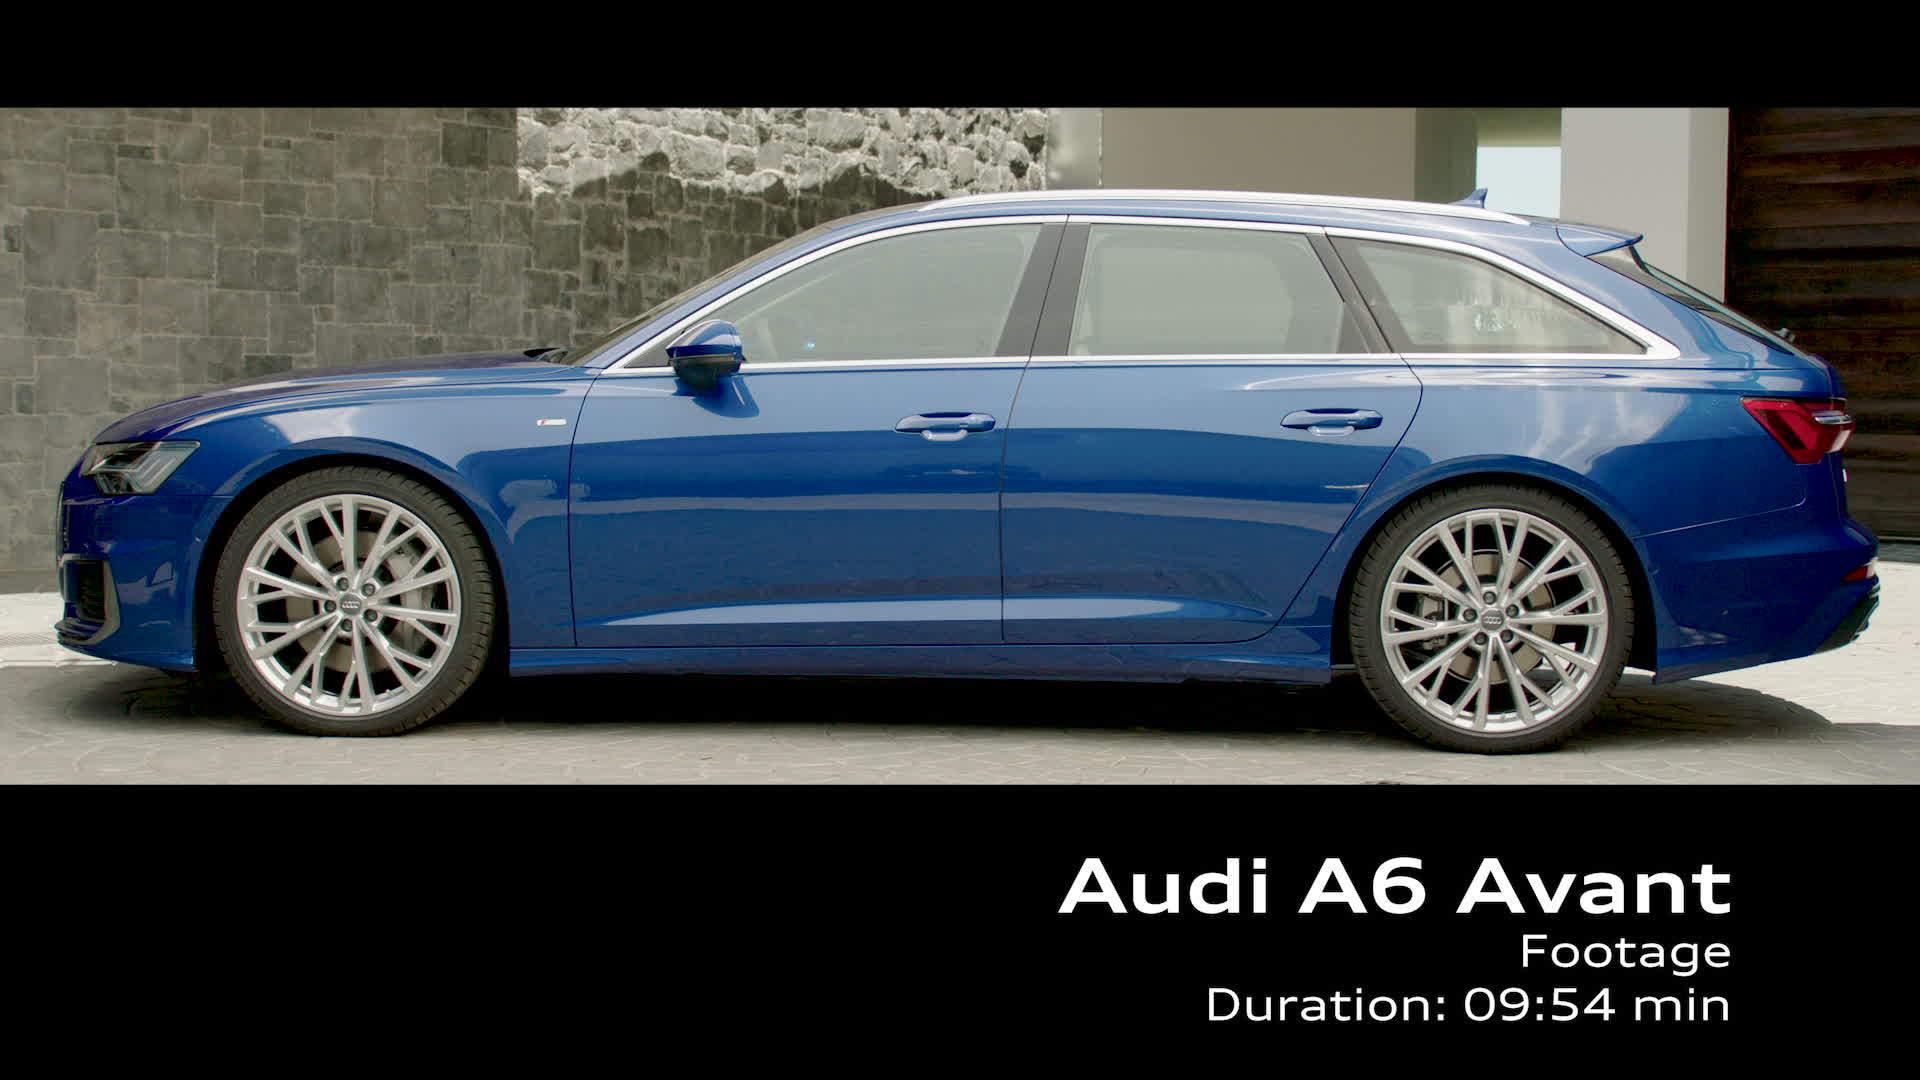 Audi A6 Avant Footage